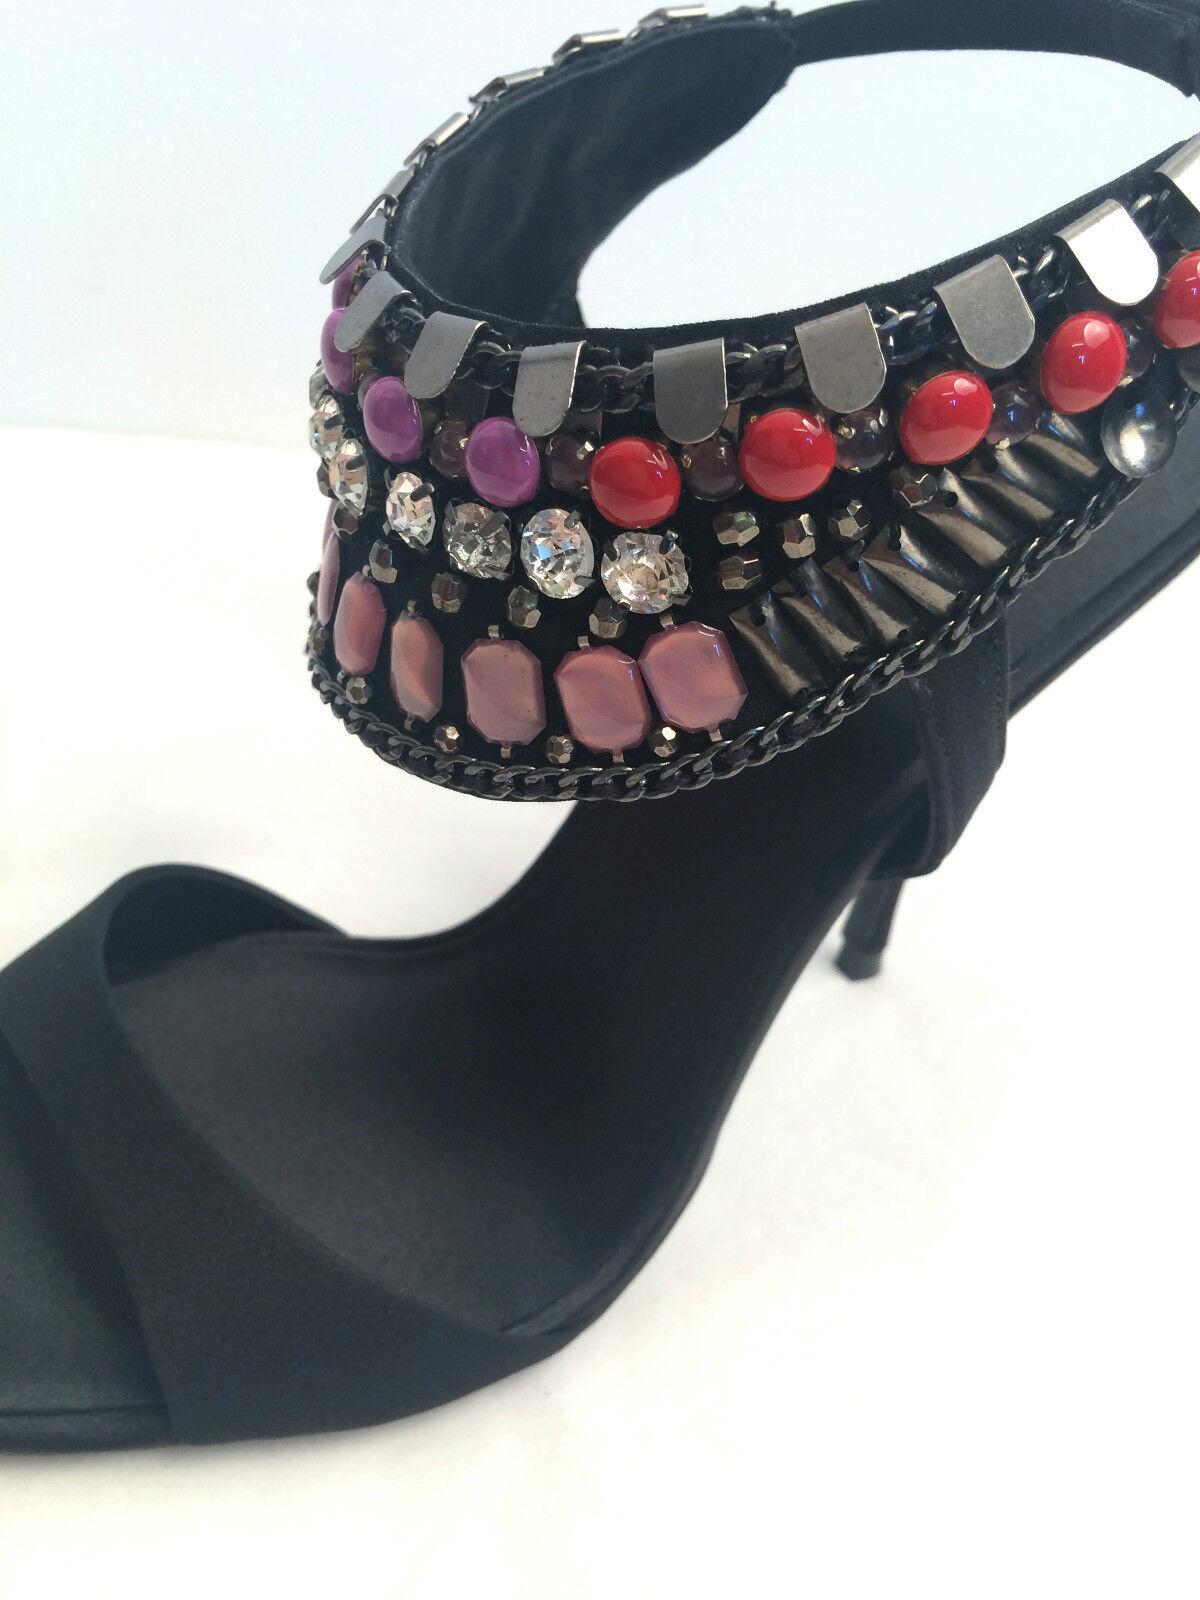 Descuento de liquidación New Womens Karen Millen Black Sandals Satin red pink Beaded high heel All sizes